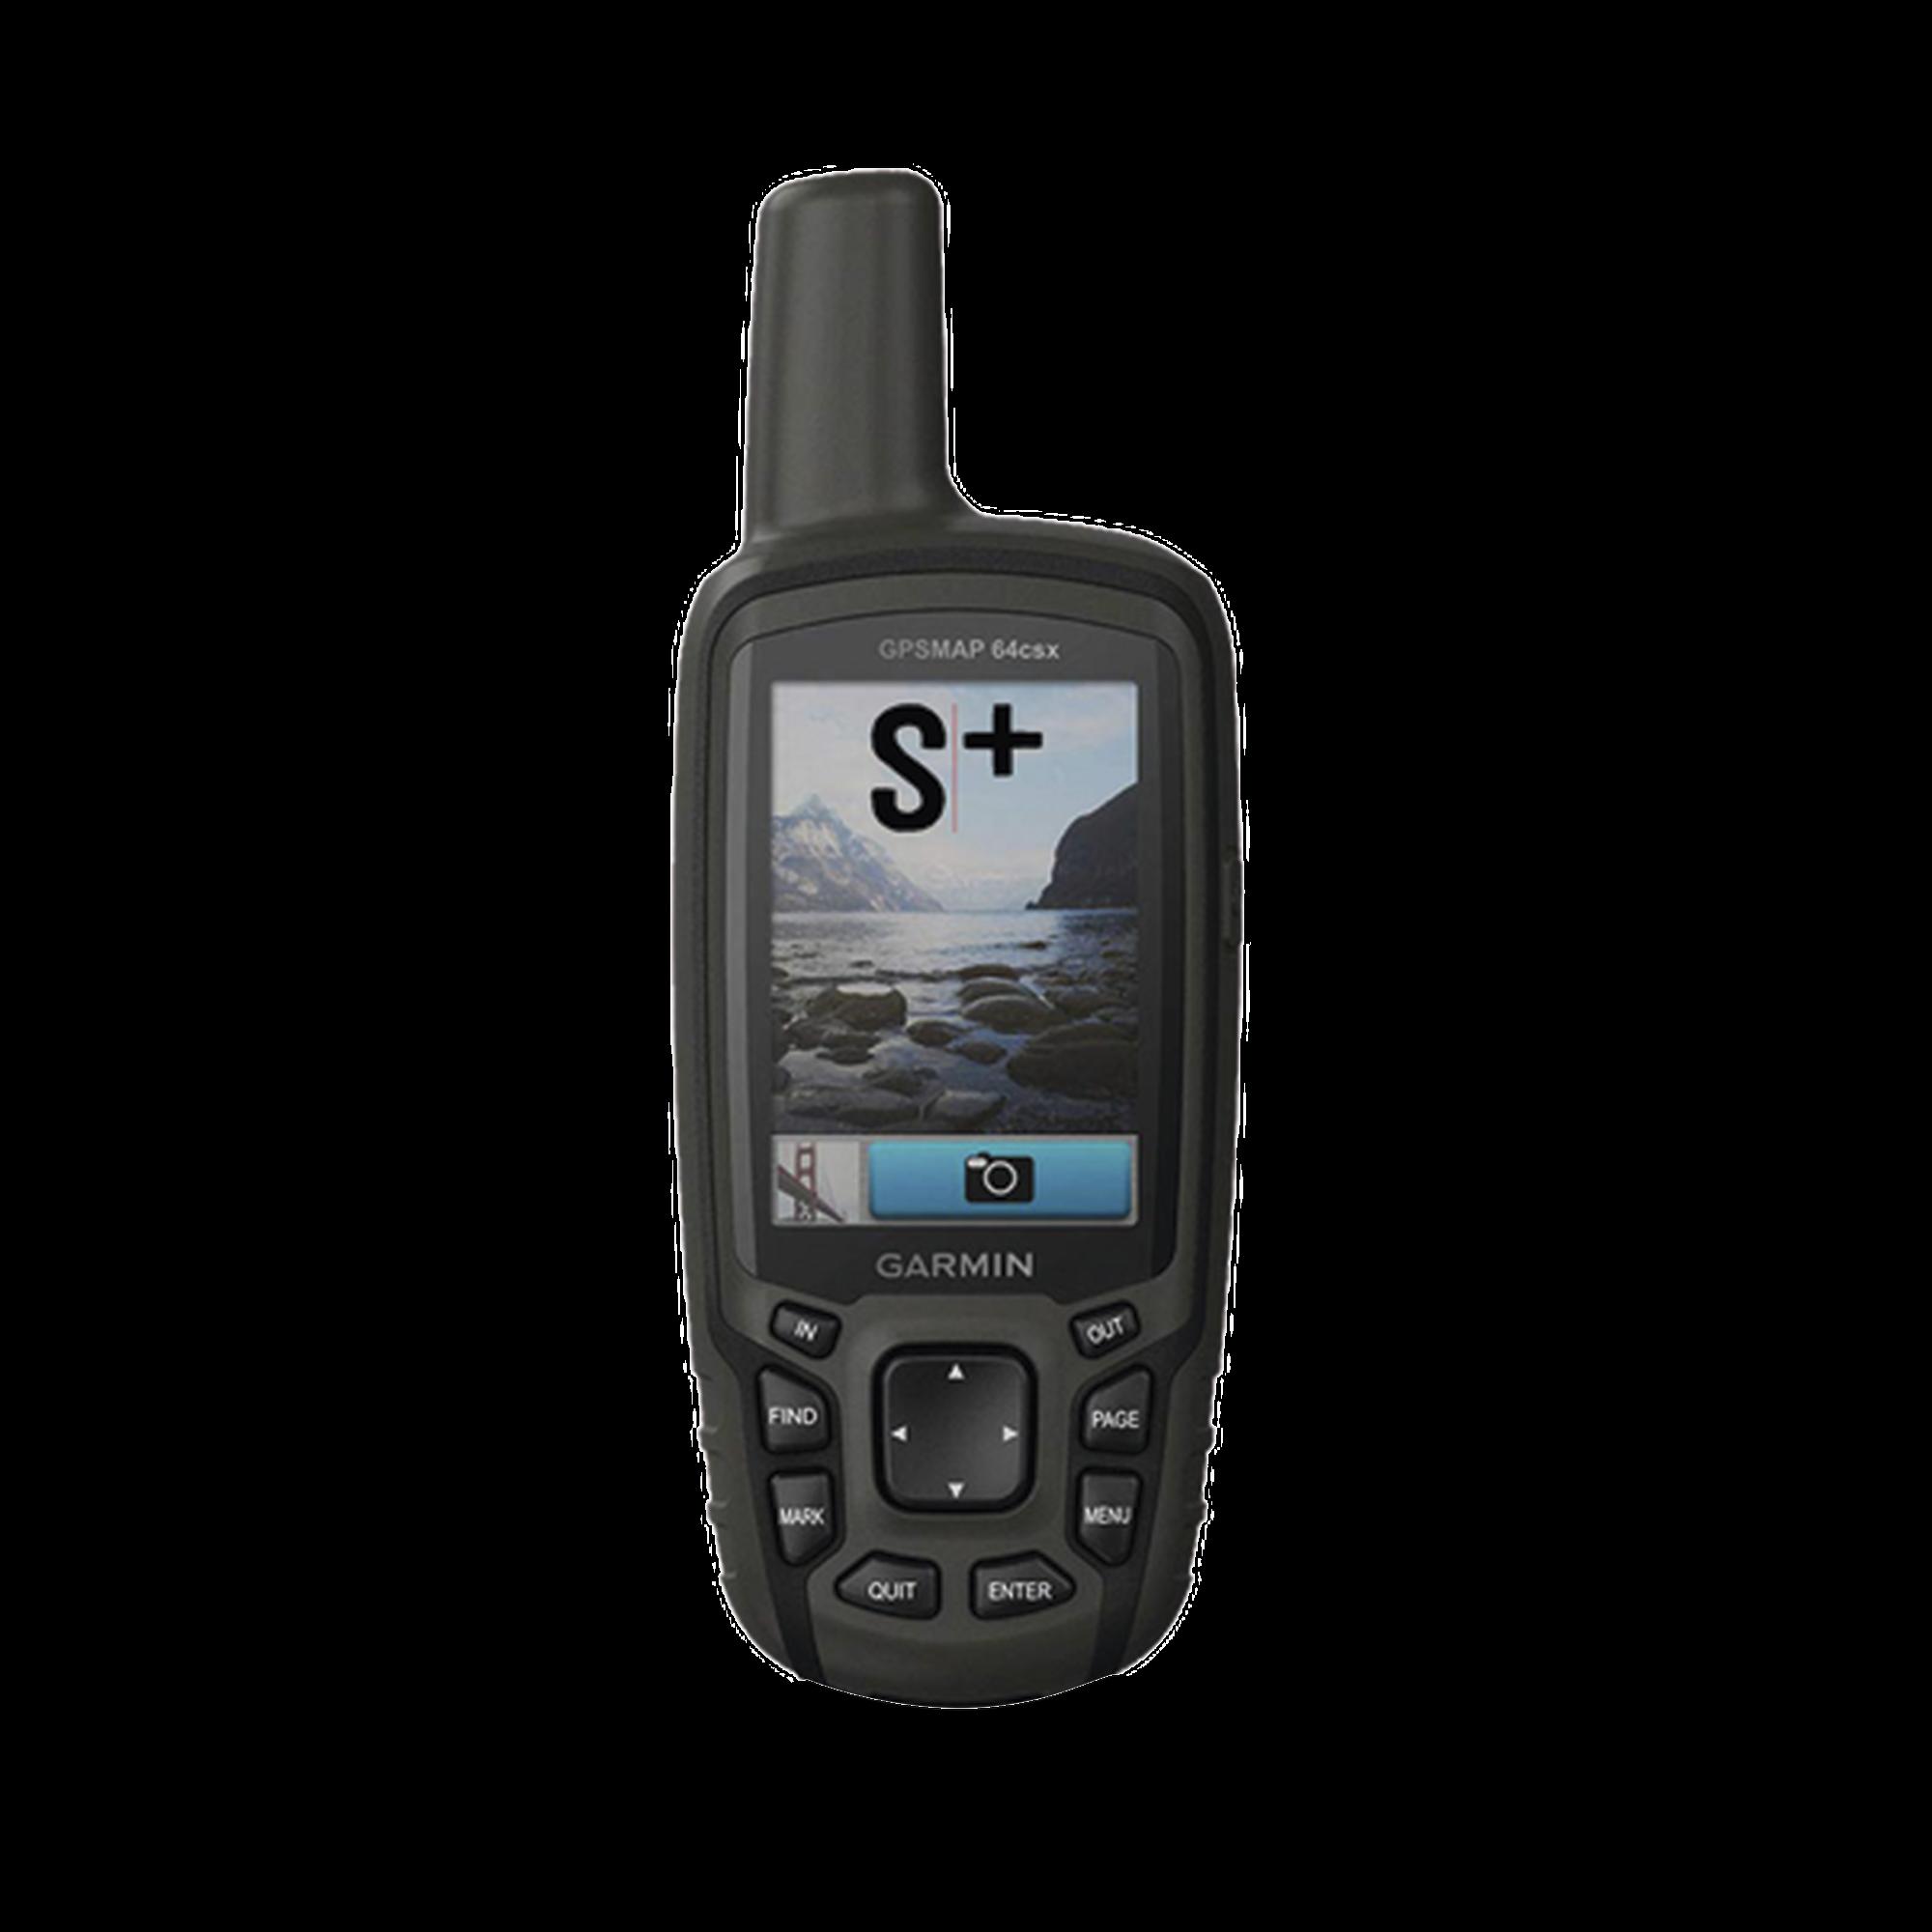 GPSMAP 64CSX, GPS portátil con cámara integrada de 8 megapíxeles, altímetro y bújala integrada.